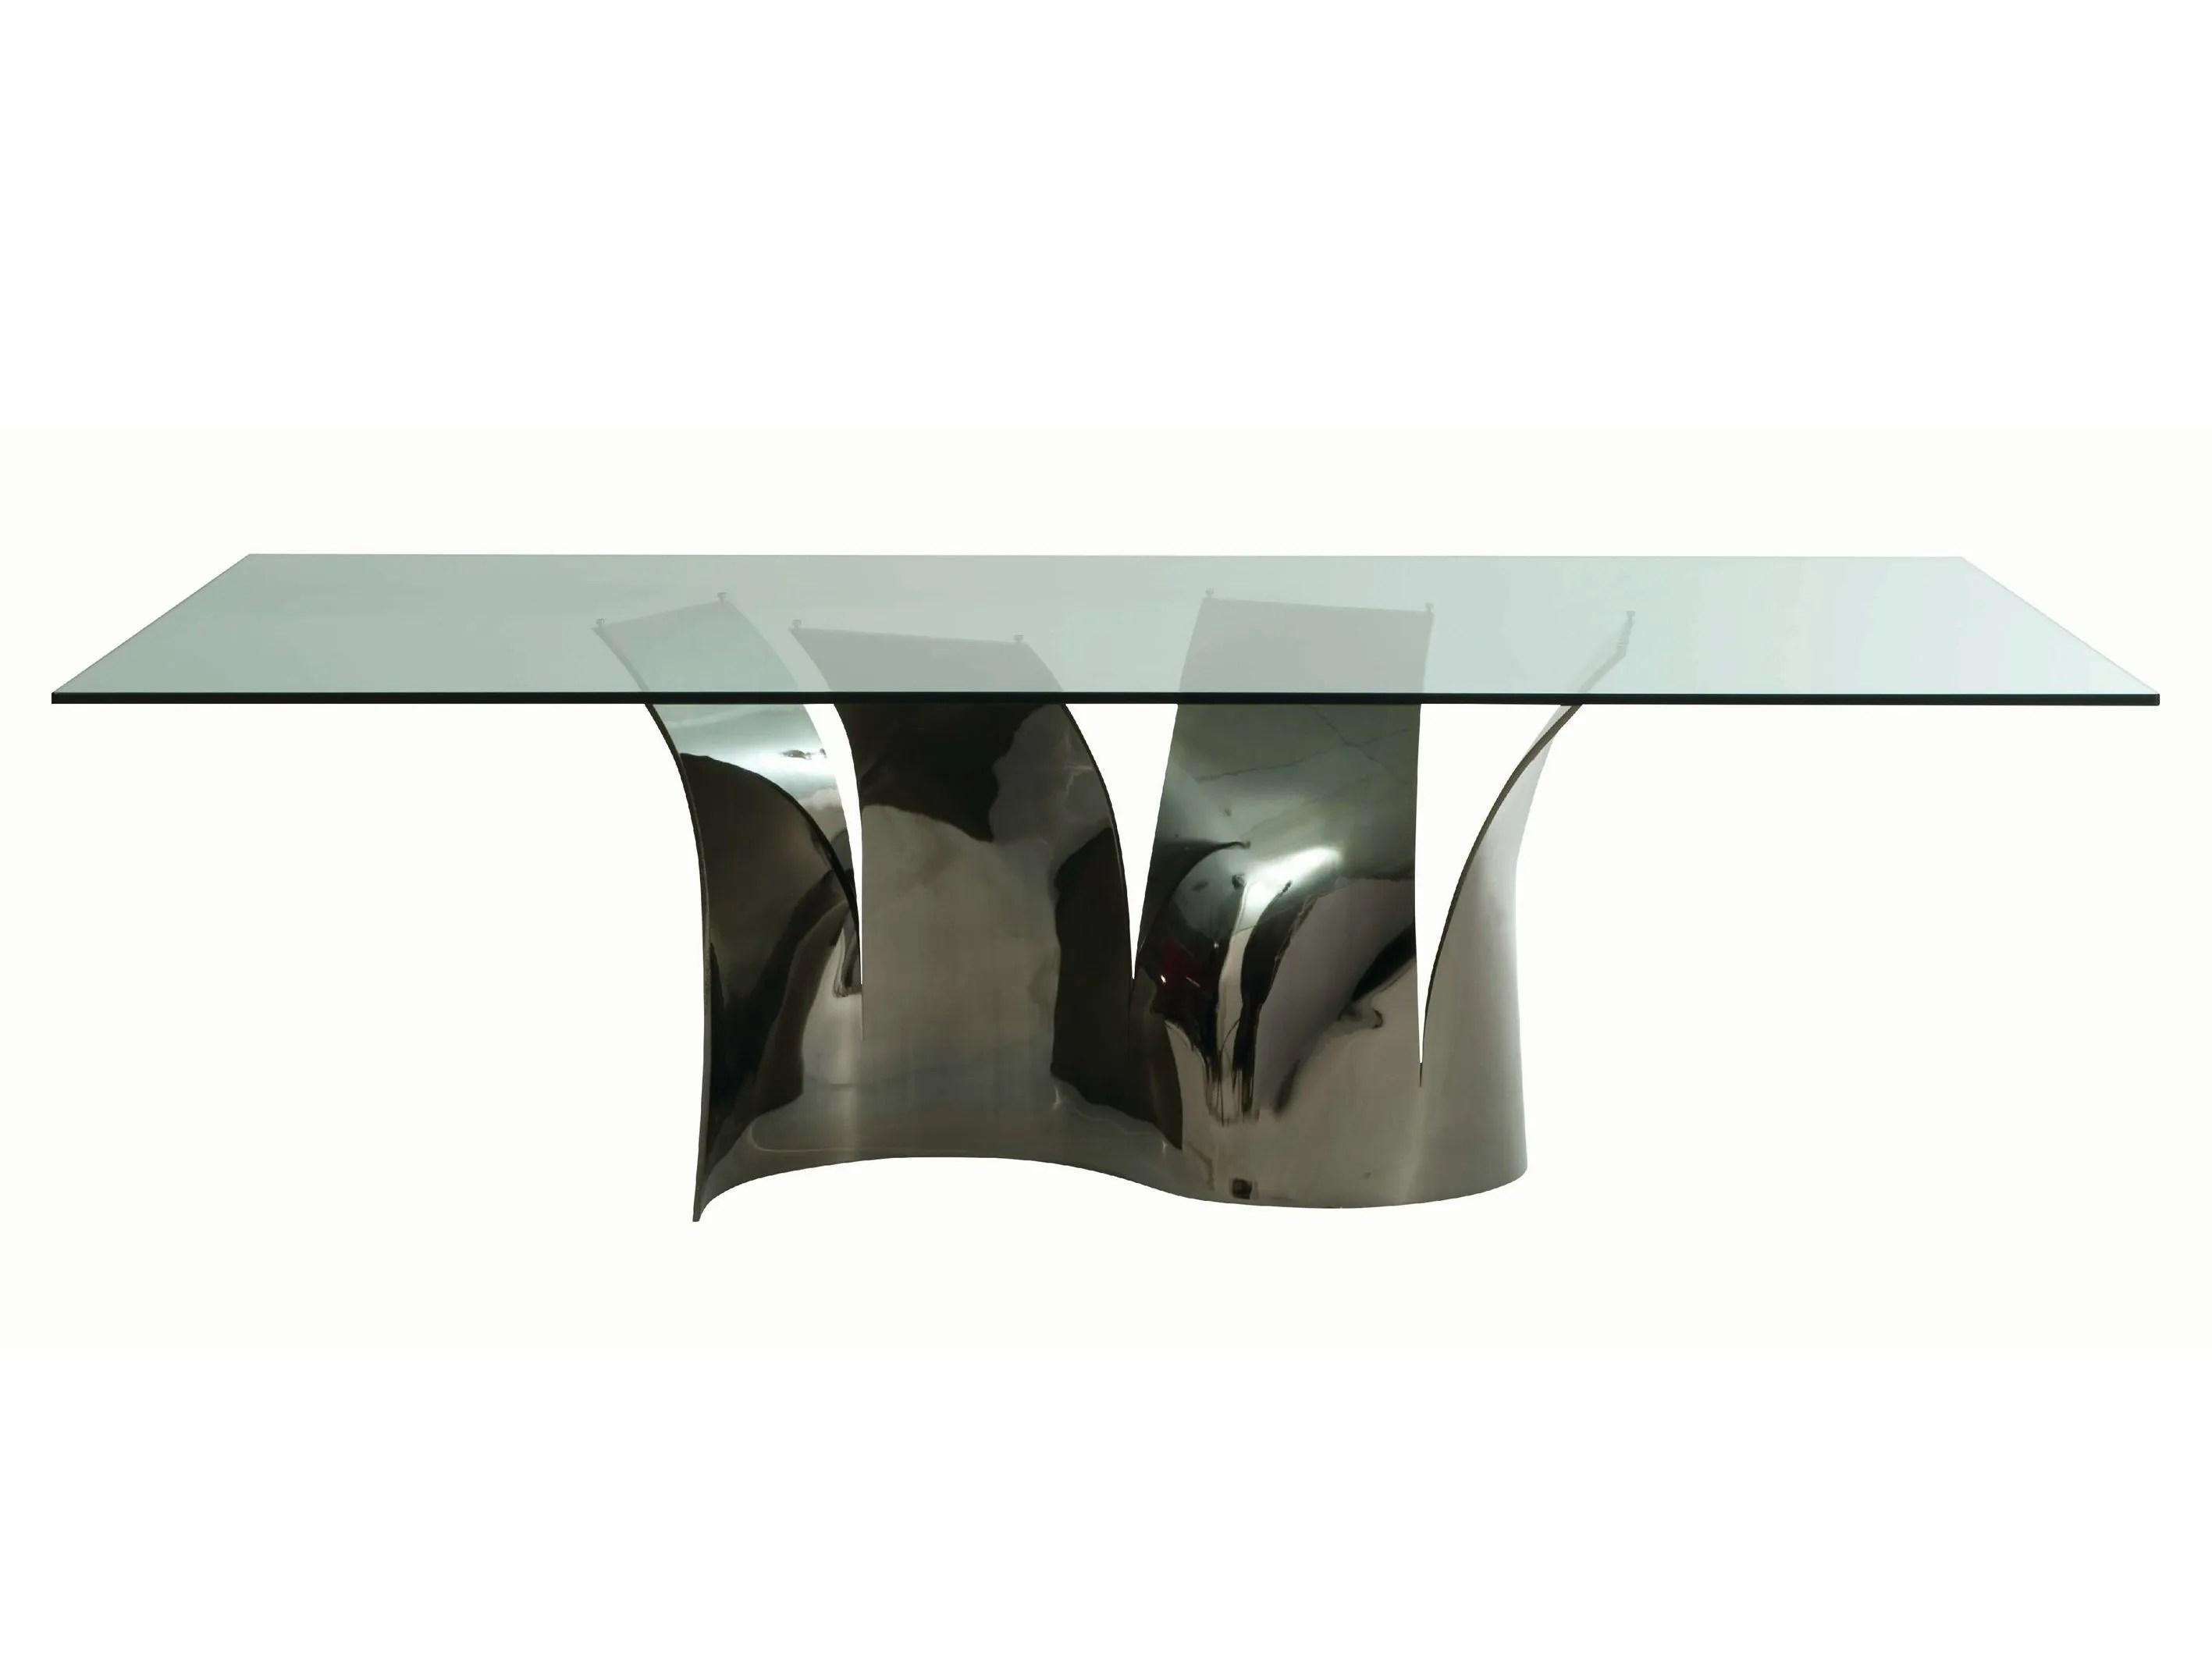 prodotti-90001-rel89c6273264004e3b853c4e94e27980a8 Impressionnant De Table Basse Opium Conception